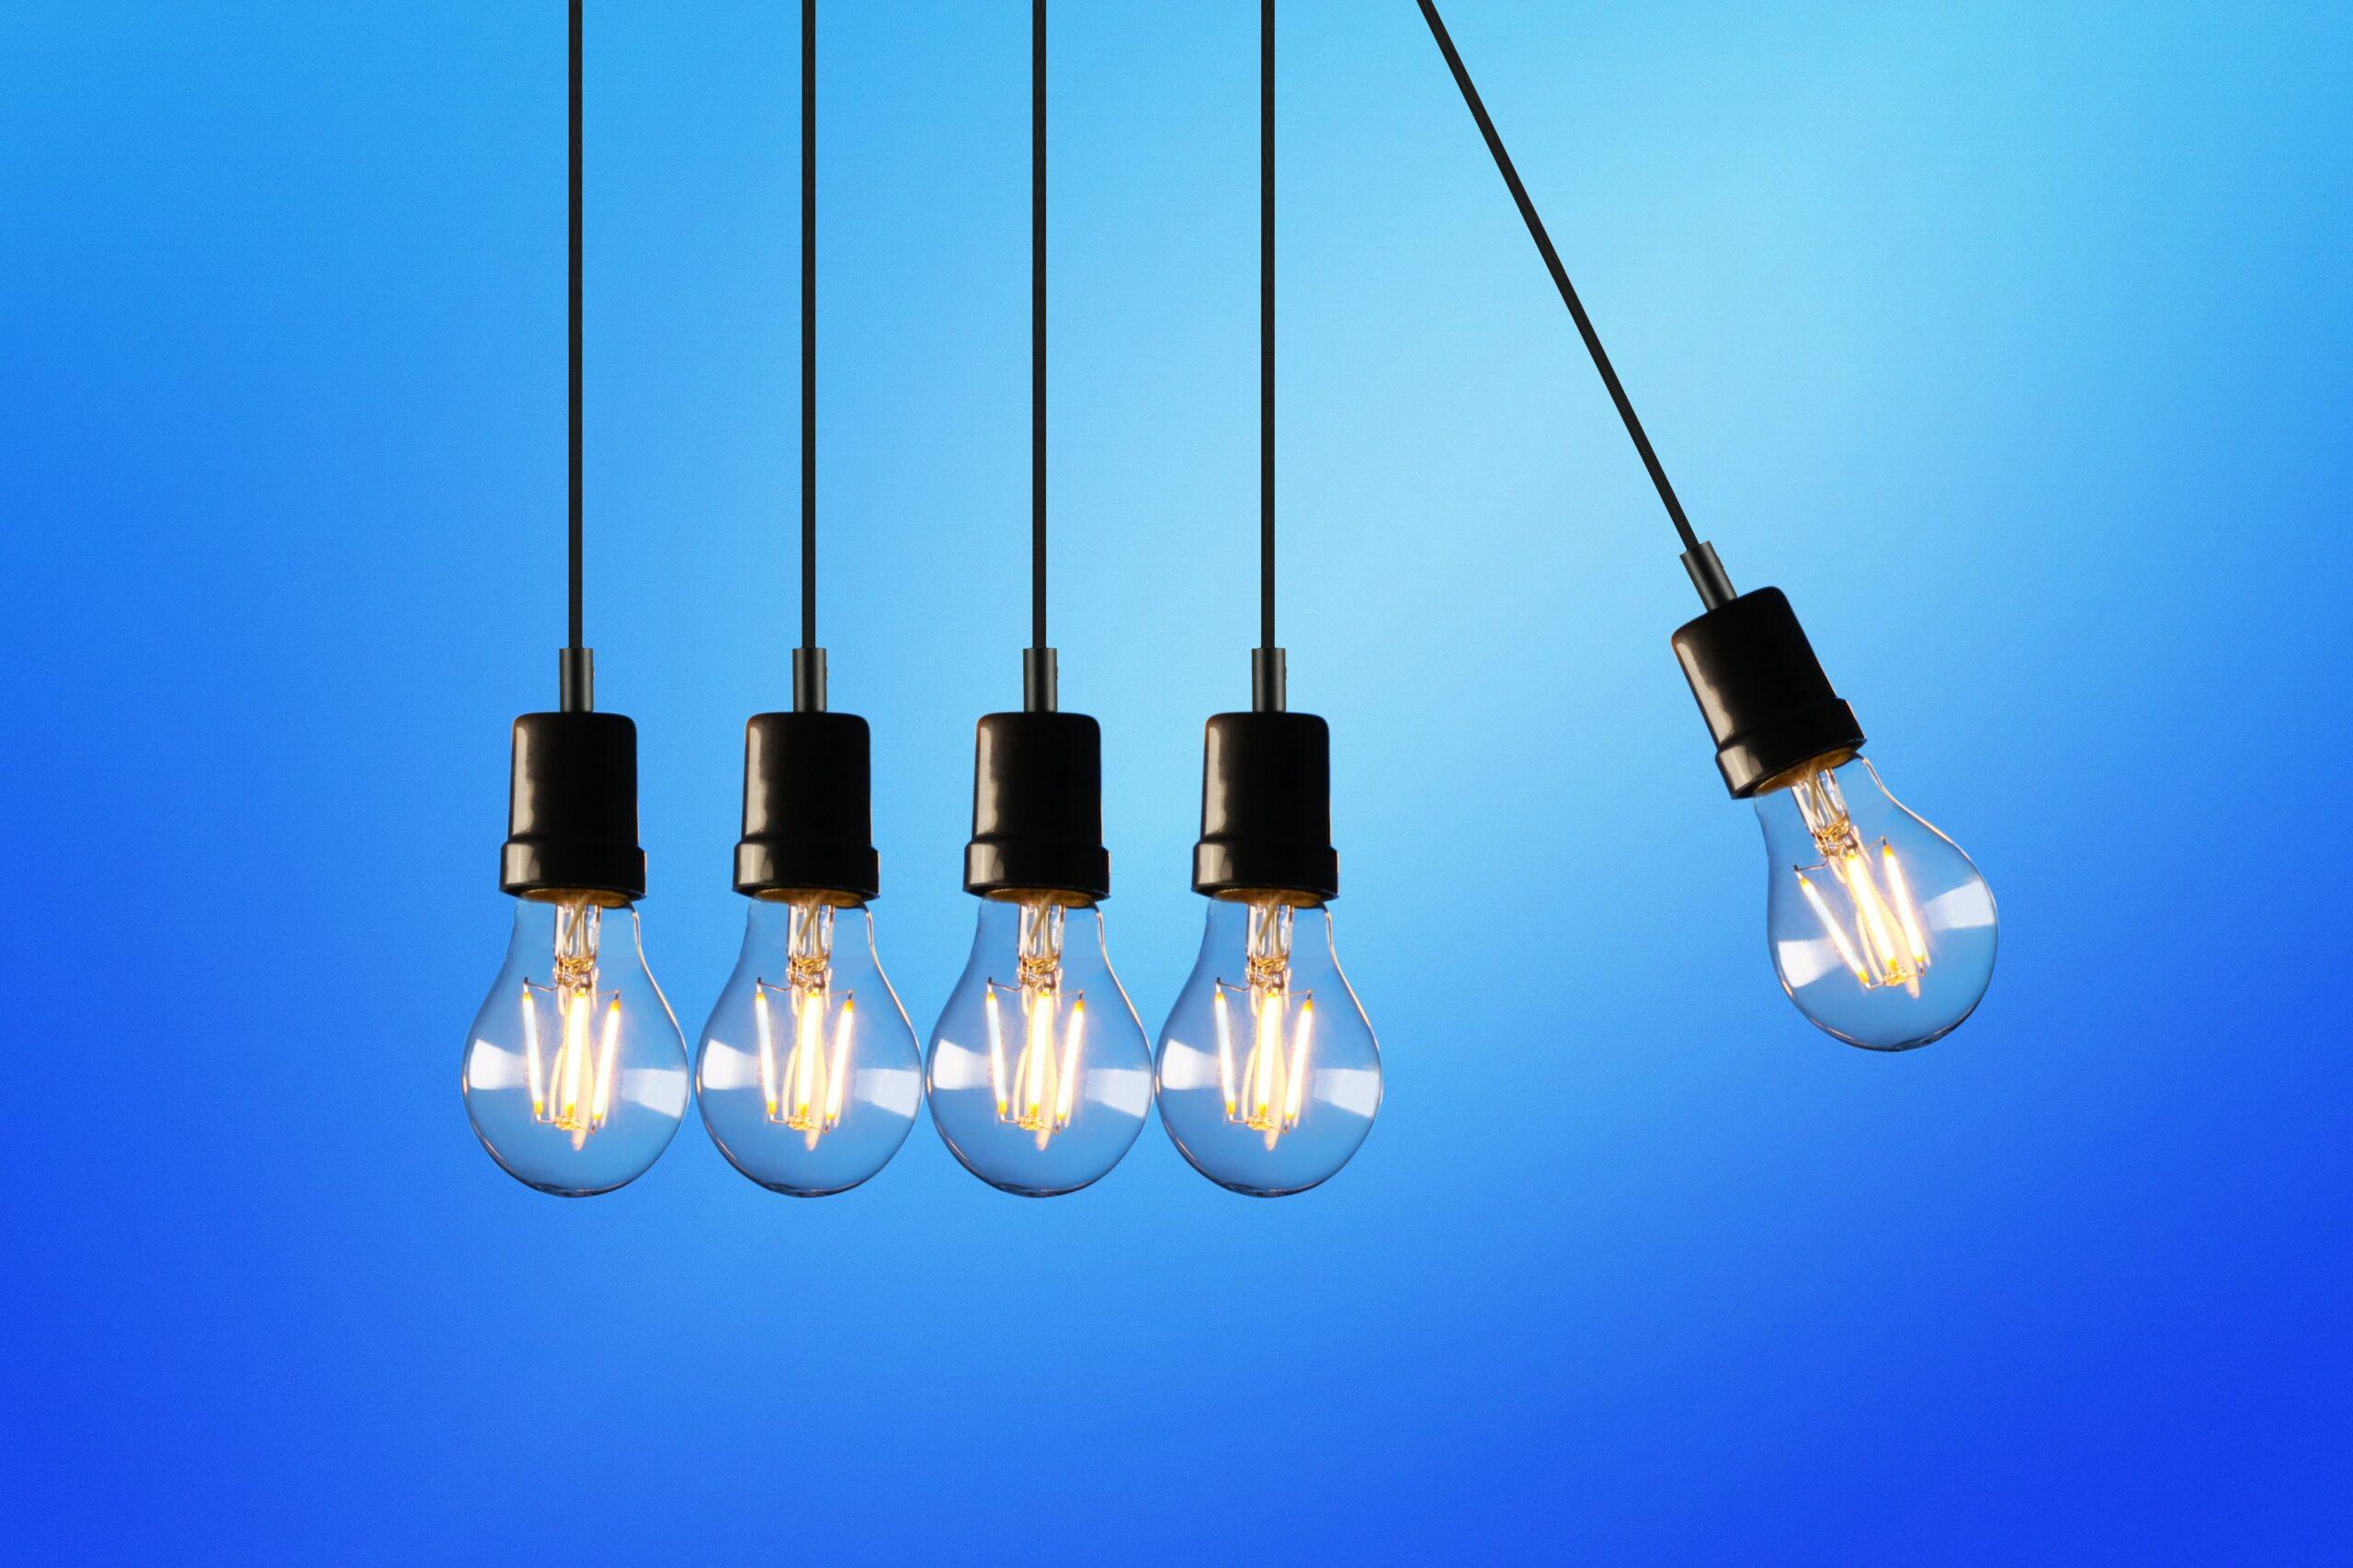 wat is de energietransitie